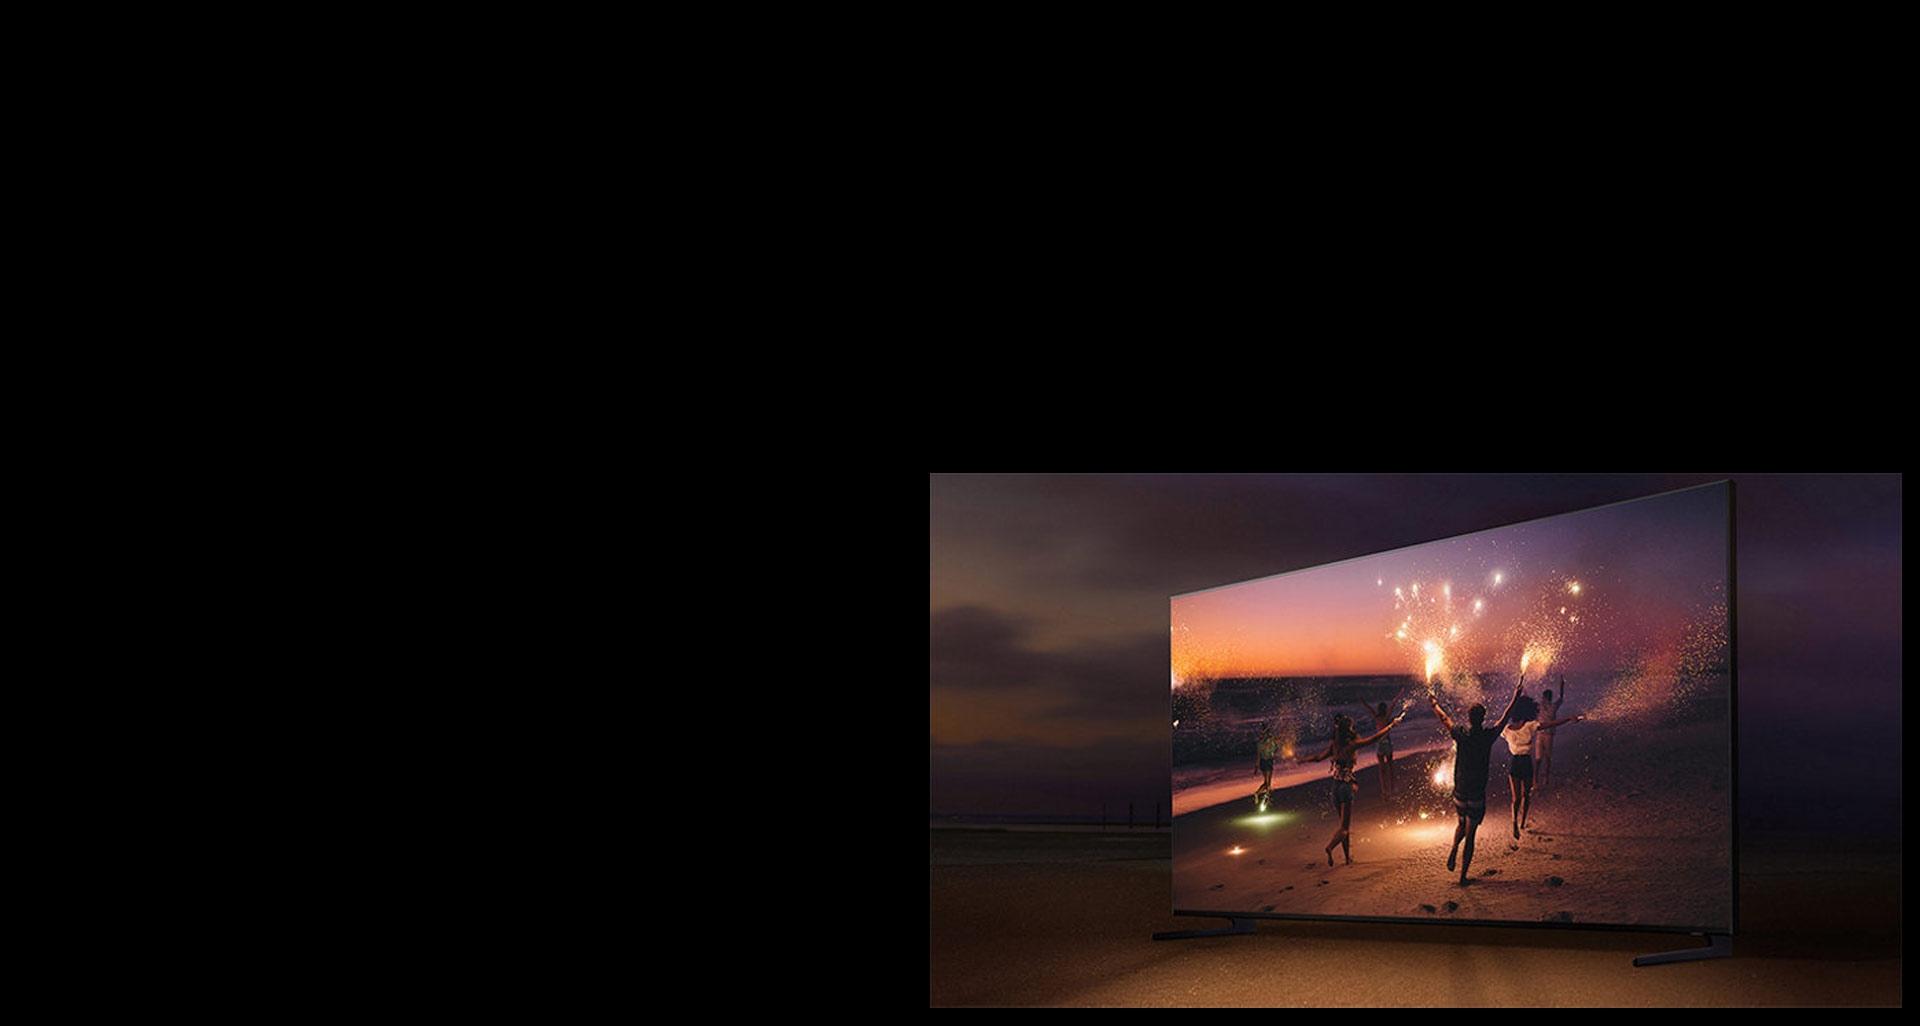 تصویری غیر منتظره با تلویزیون هوشمند Q900R